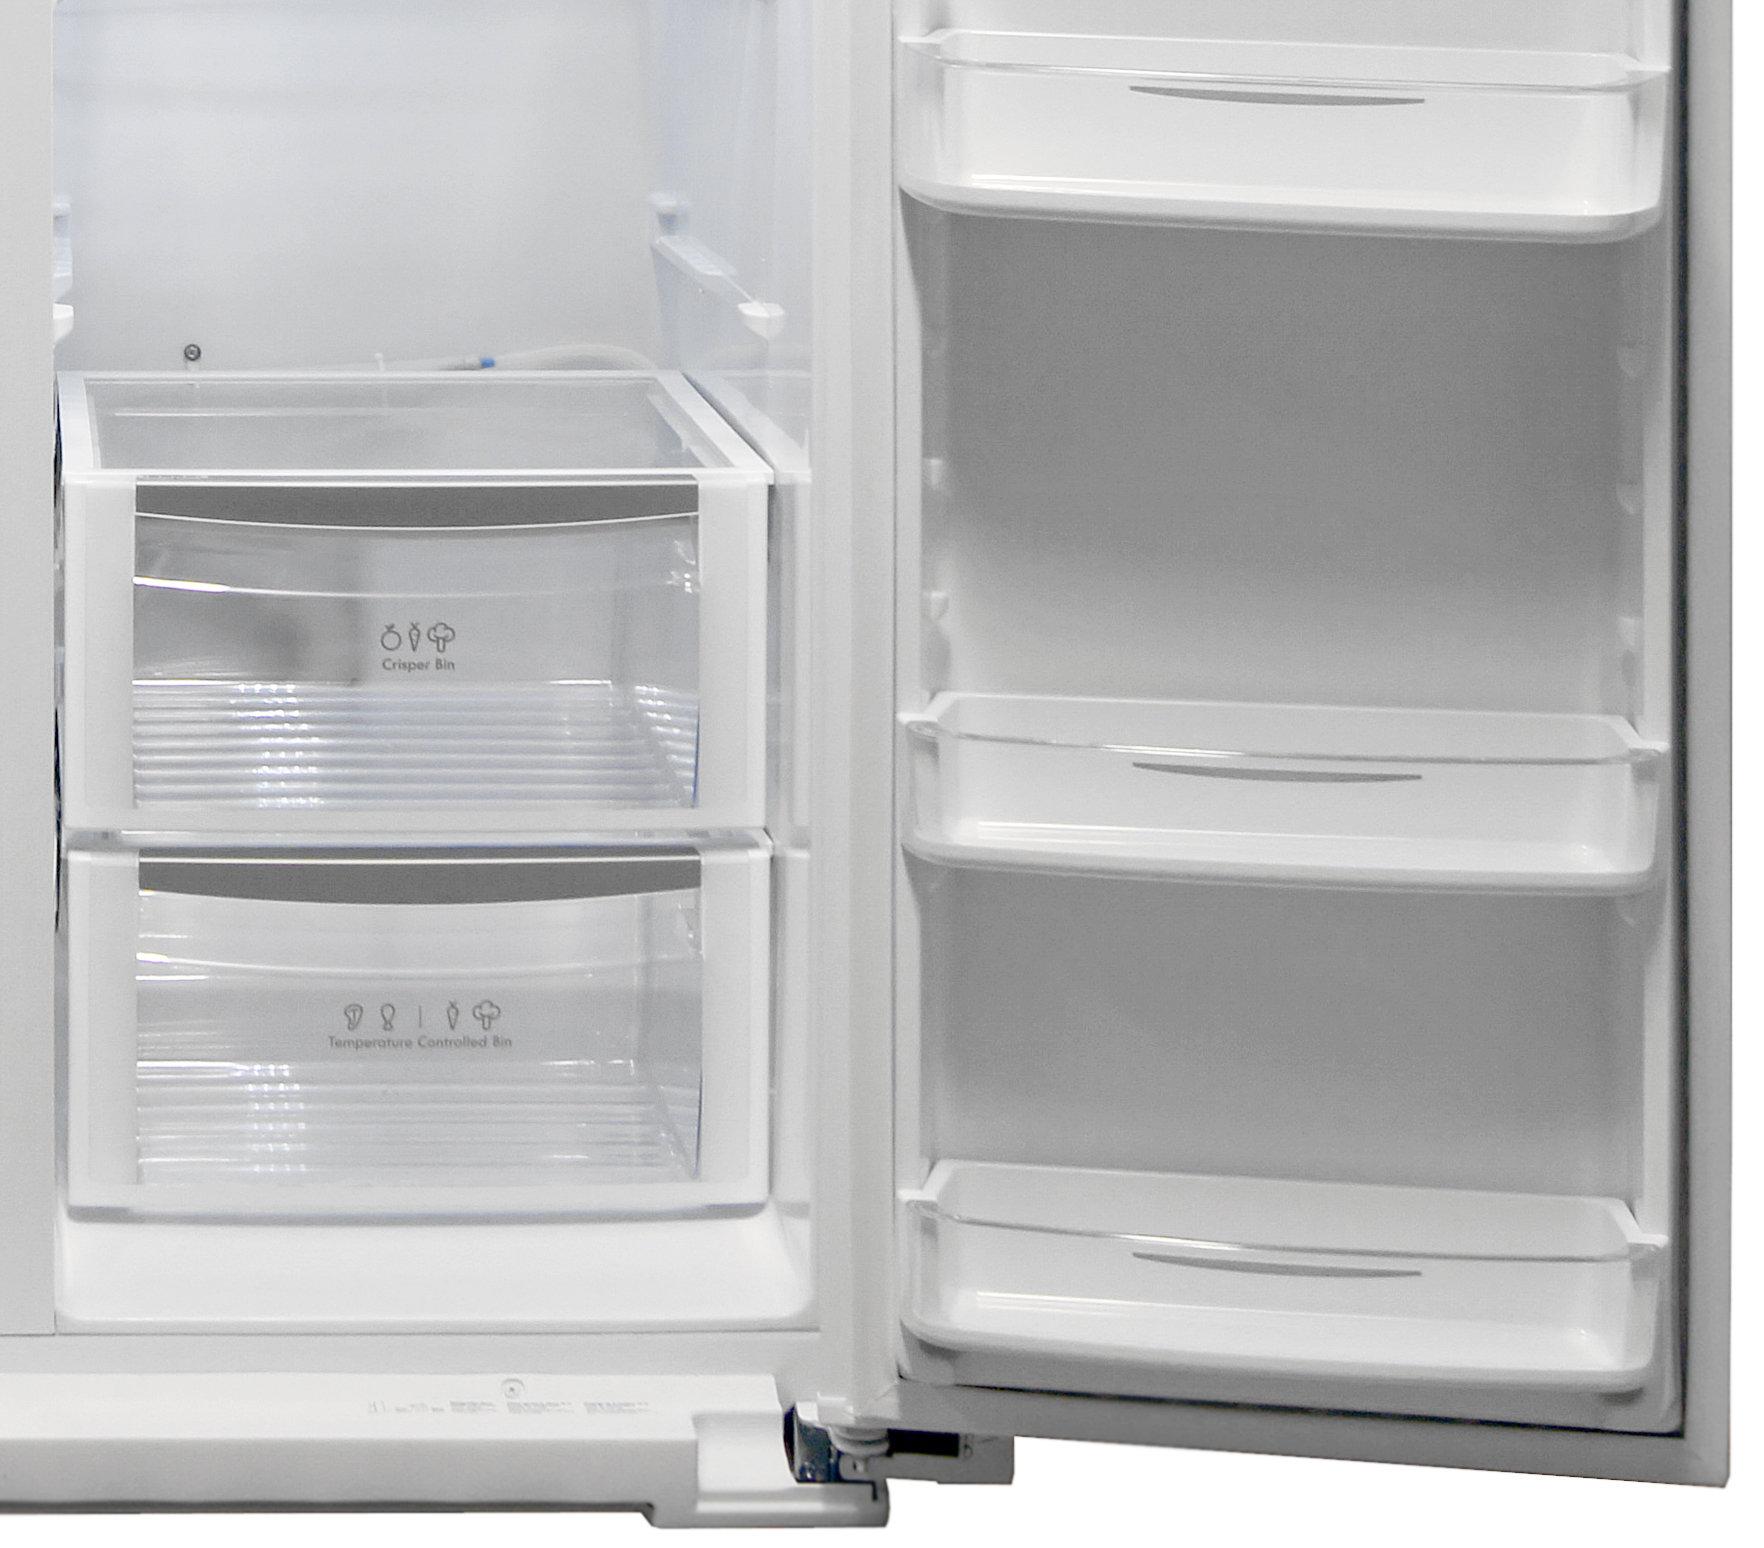 kenmore elite 51162 refrigerator review. Black Bedroom Furniture Sets. Home Design Ideas